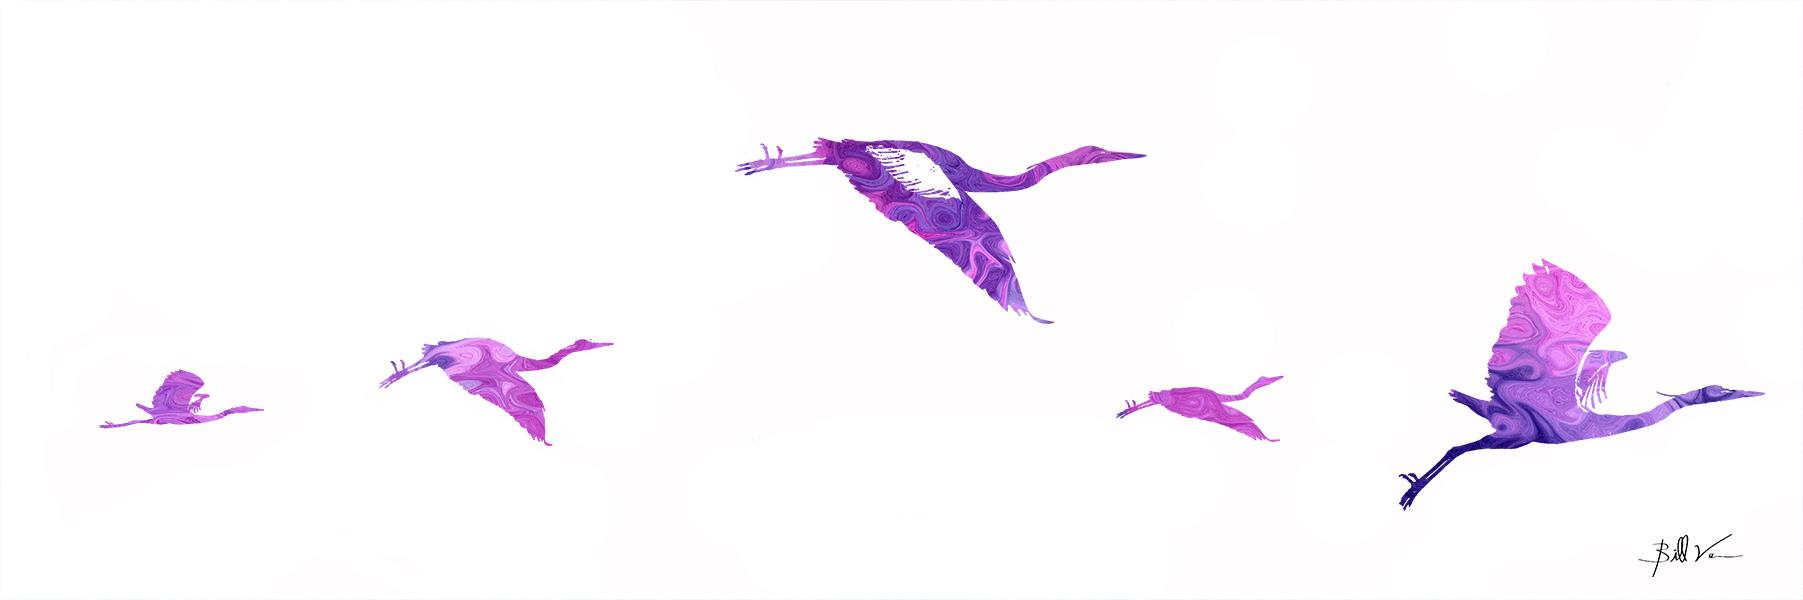 Herons 4 x 12.jpg